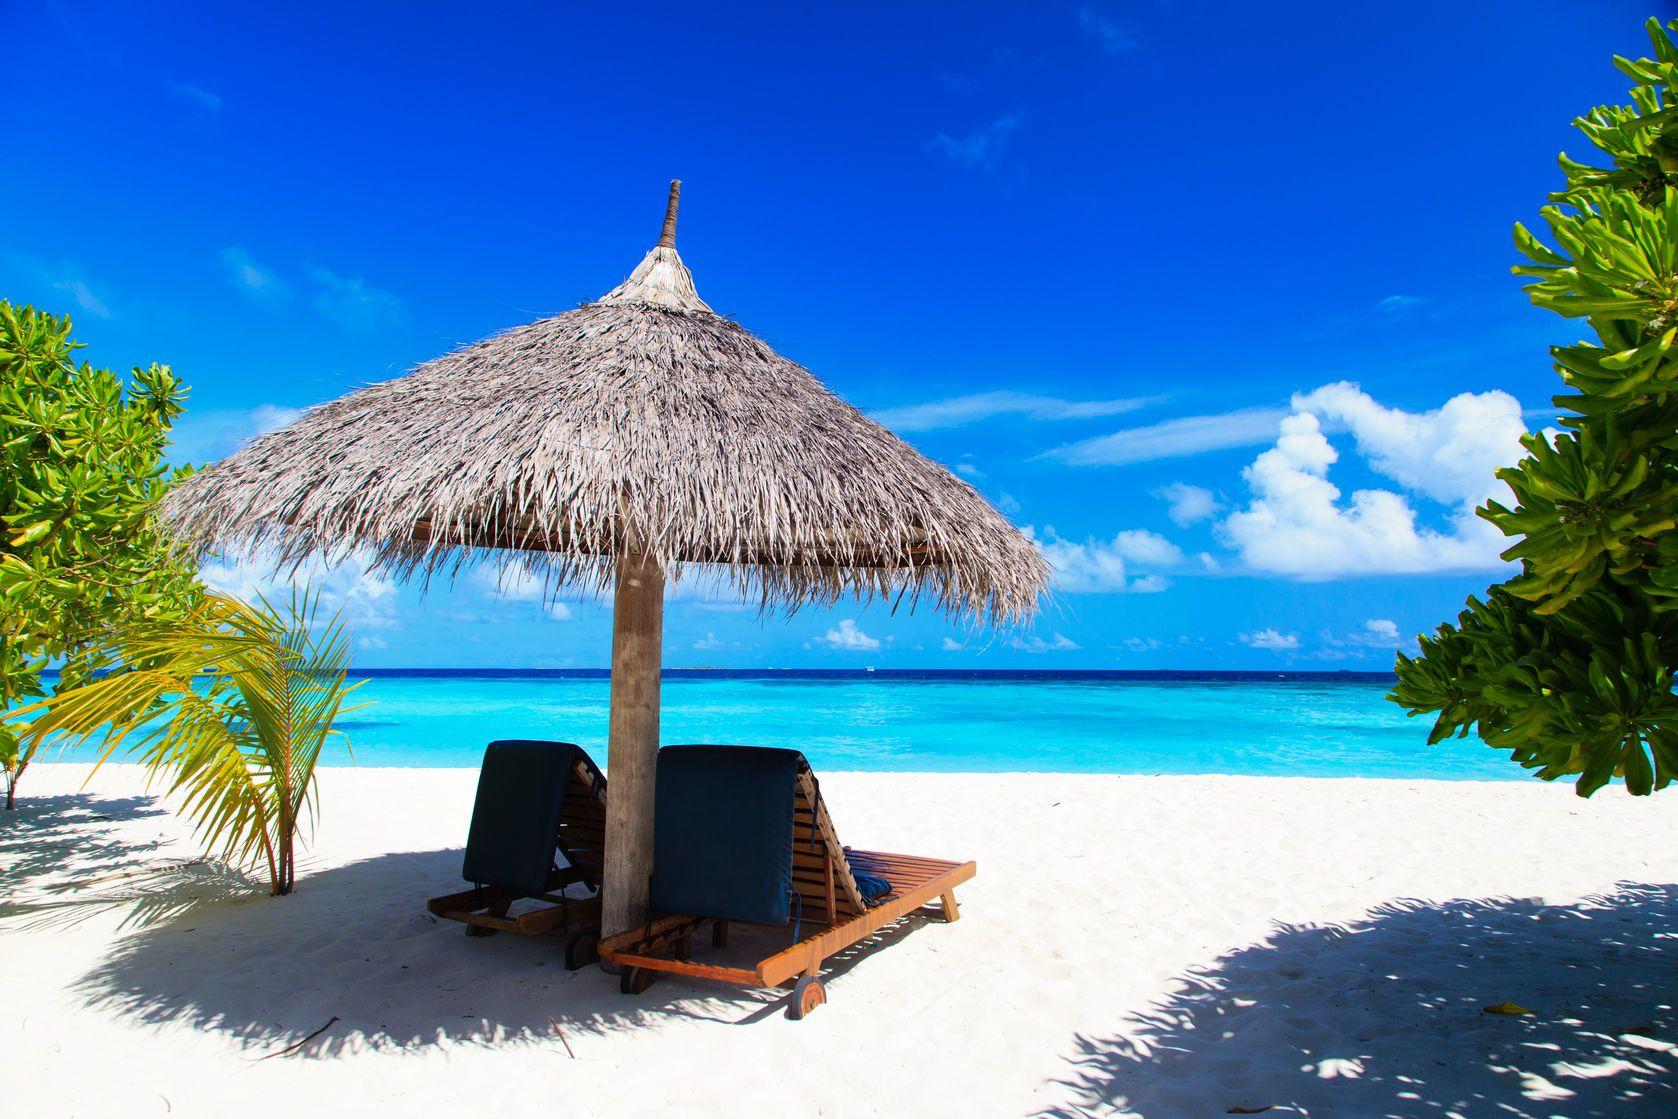 Písečná pláž na Maledivách | nadezhda1906/123RF.com